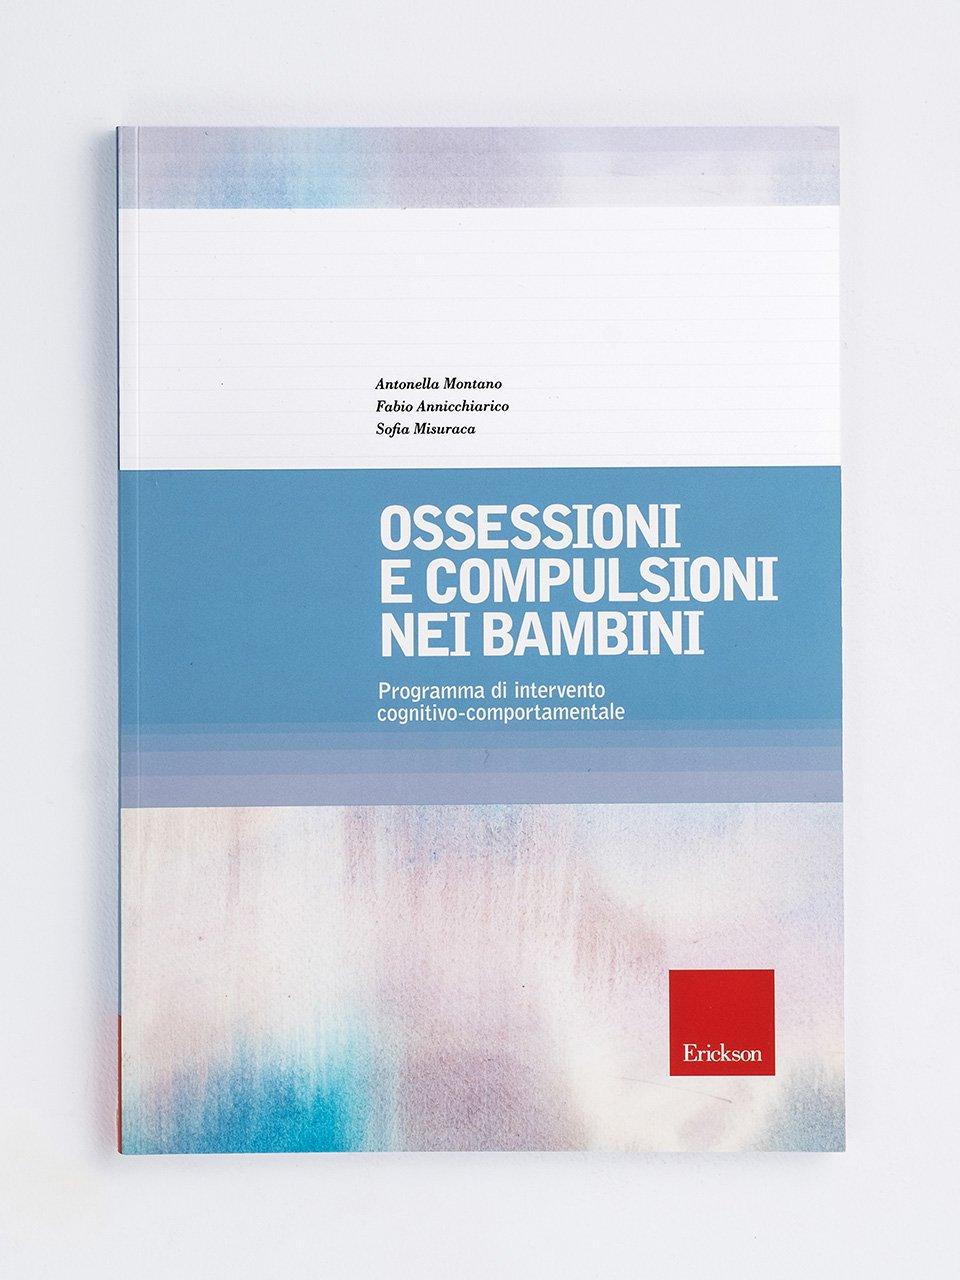 Ossessioni e compulsioni nei bambini - Allenare le abilità socio-pragmatiche - Libri - Erickson